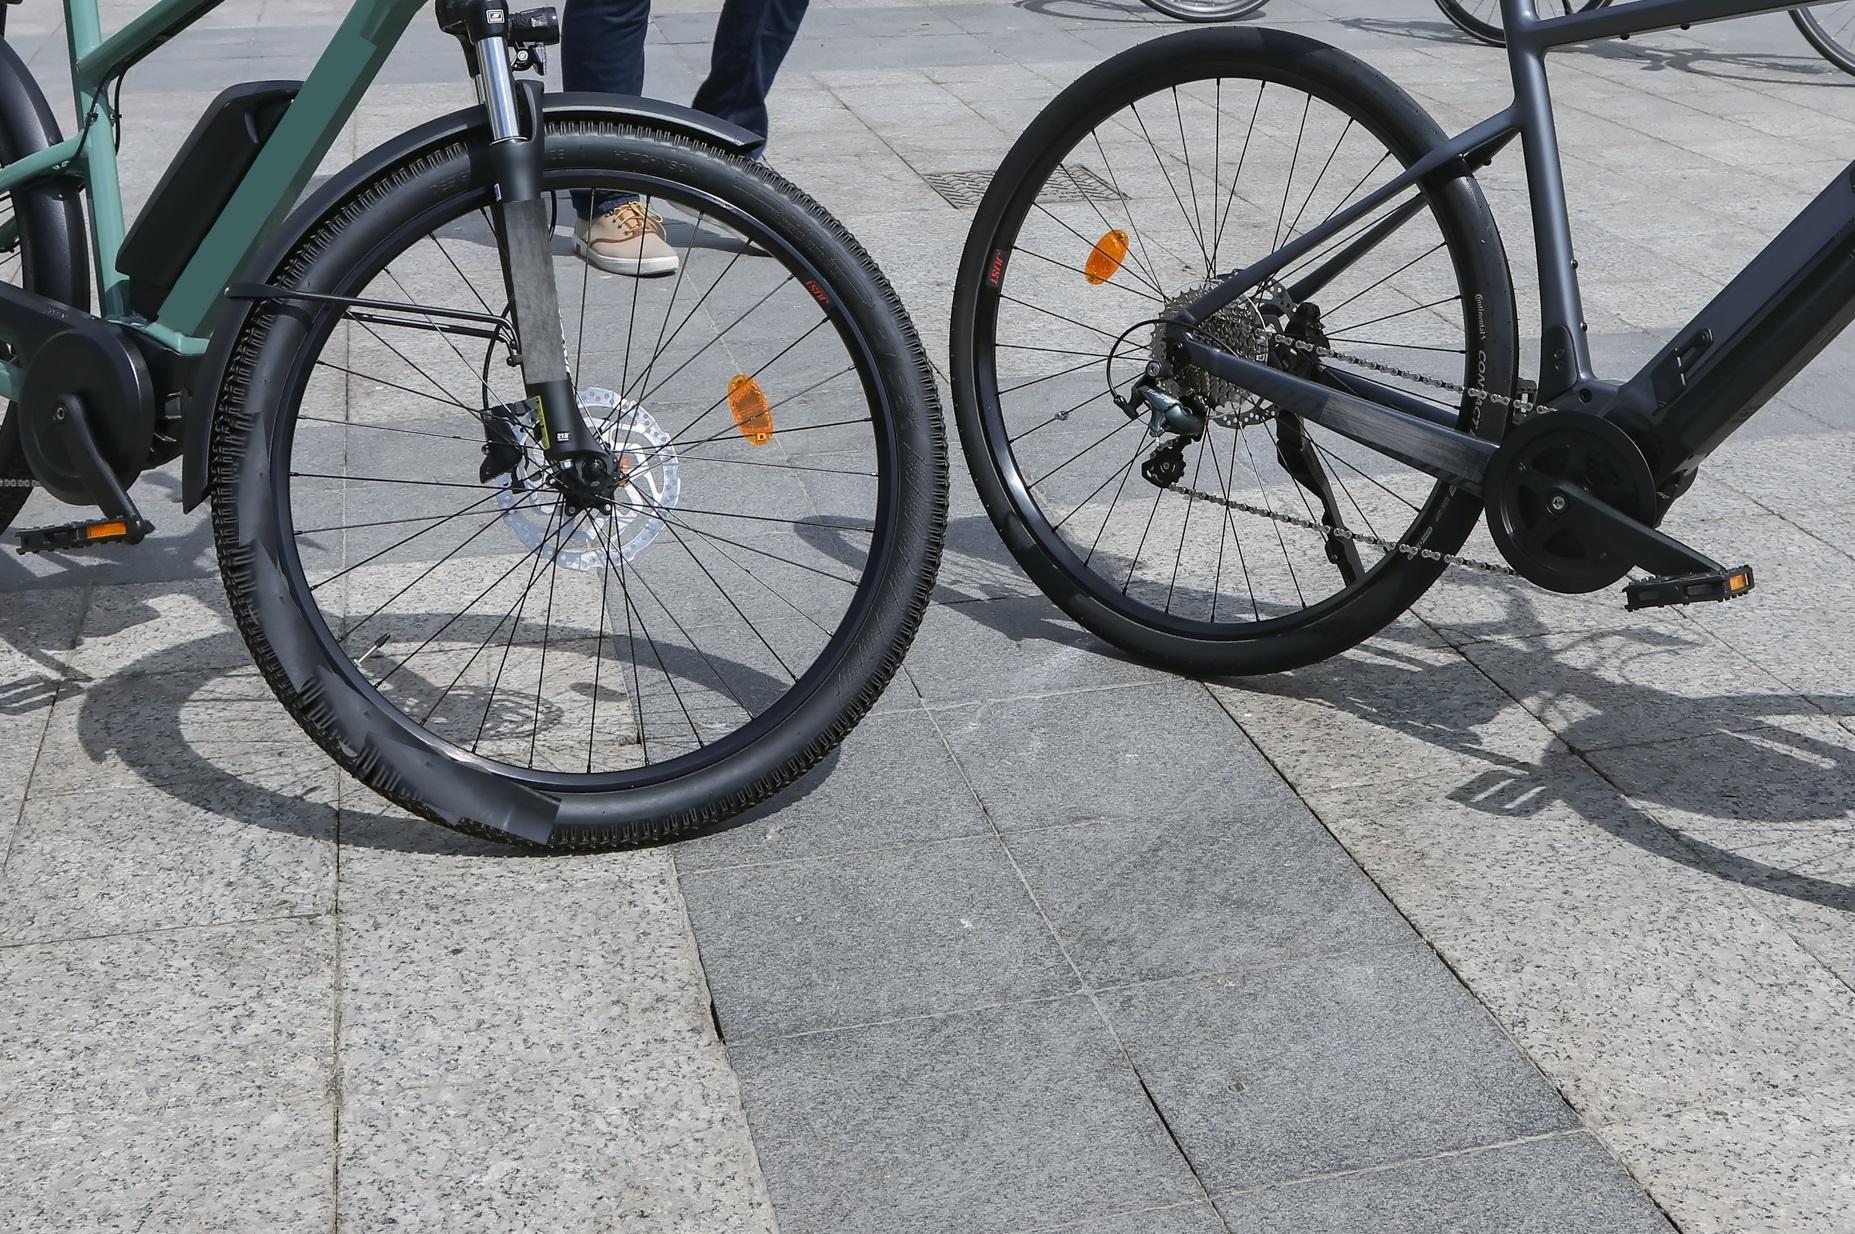 Τα πρώτα κοινόχρηστα ποδήλατα για άτομα με αναπηρία σε λίγες μέρες στη Θεσσαλονίκη!